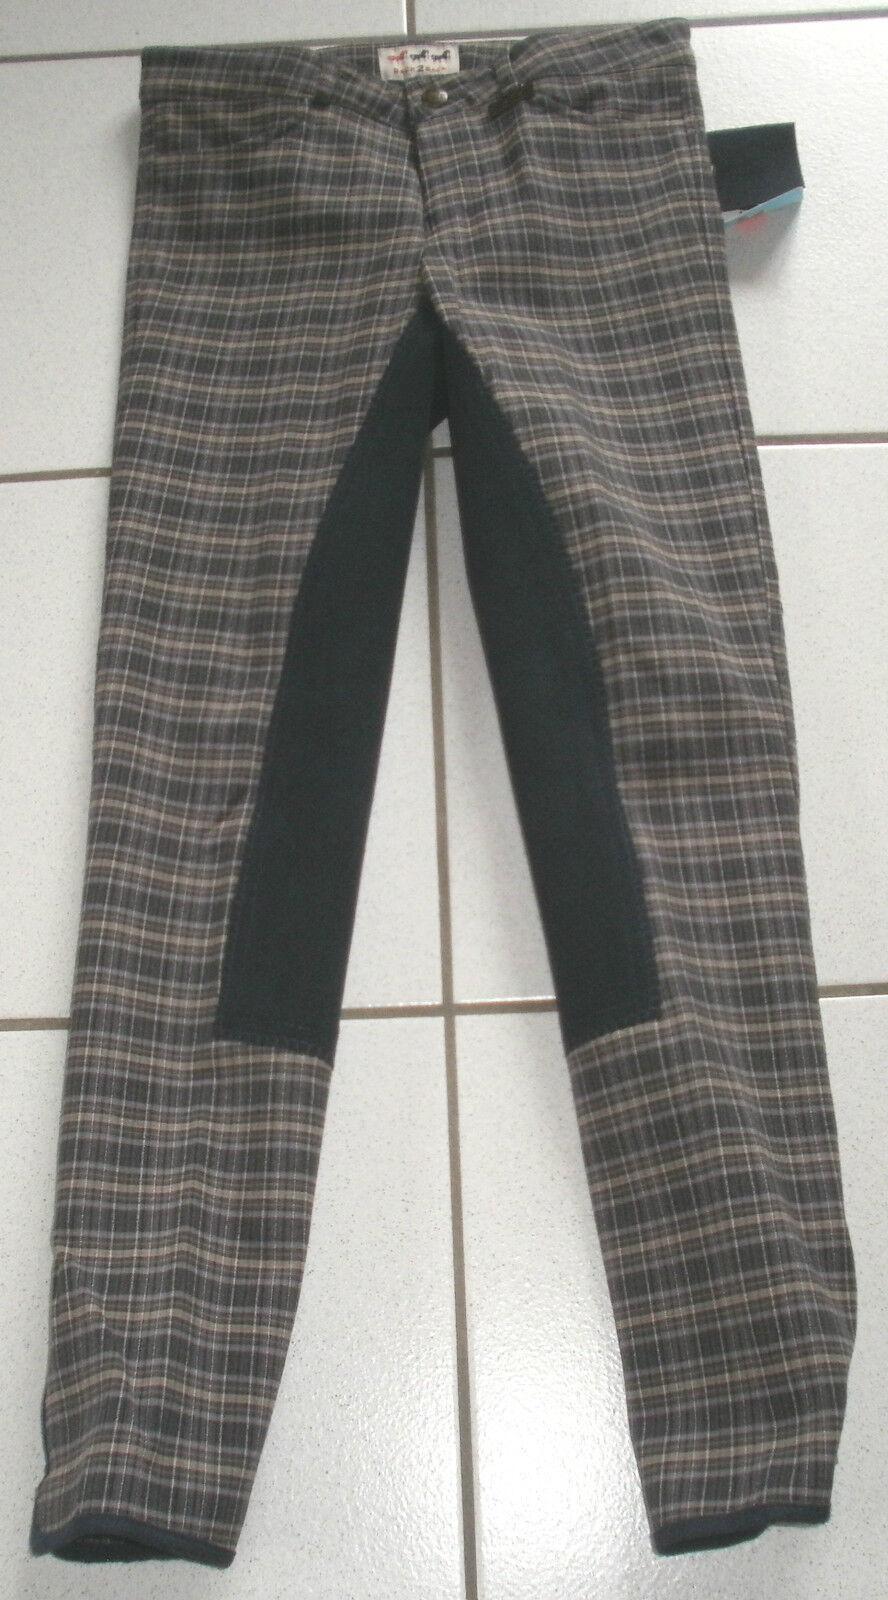 Back 2 backreithose, backreithose, backreithose, ribete de pleno, gris Karo, talla 158, (3058) 190f09